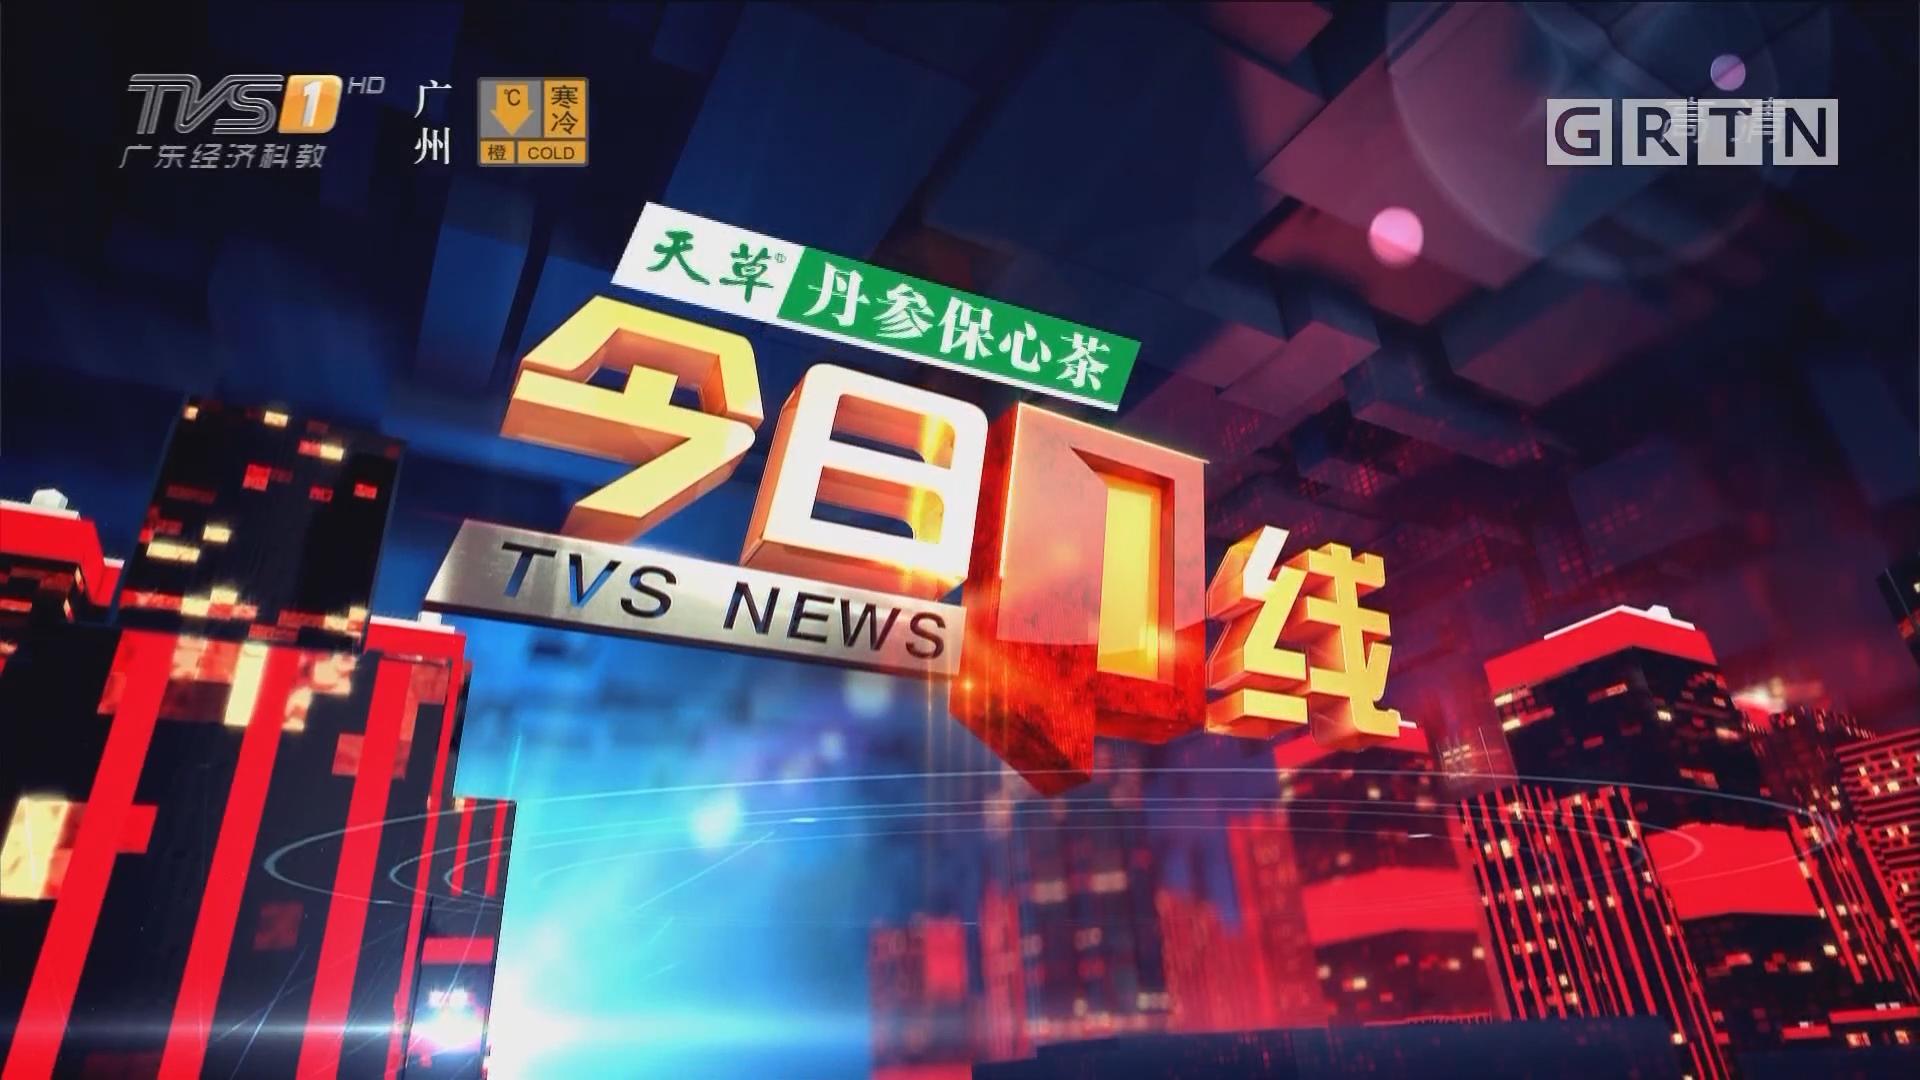 [HD][2019-01-02]今日一线:深圳龙岗:女童商场内遭强行抱走? 警方介入调查